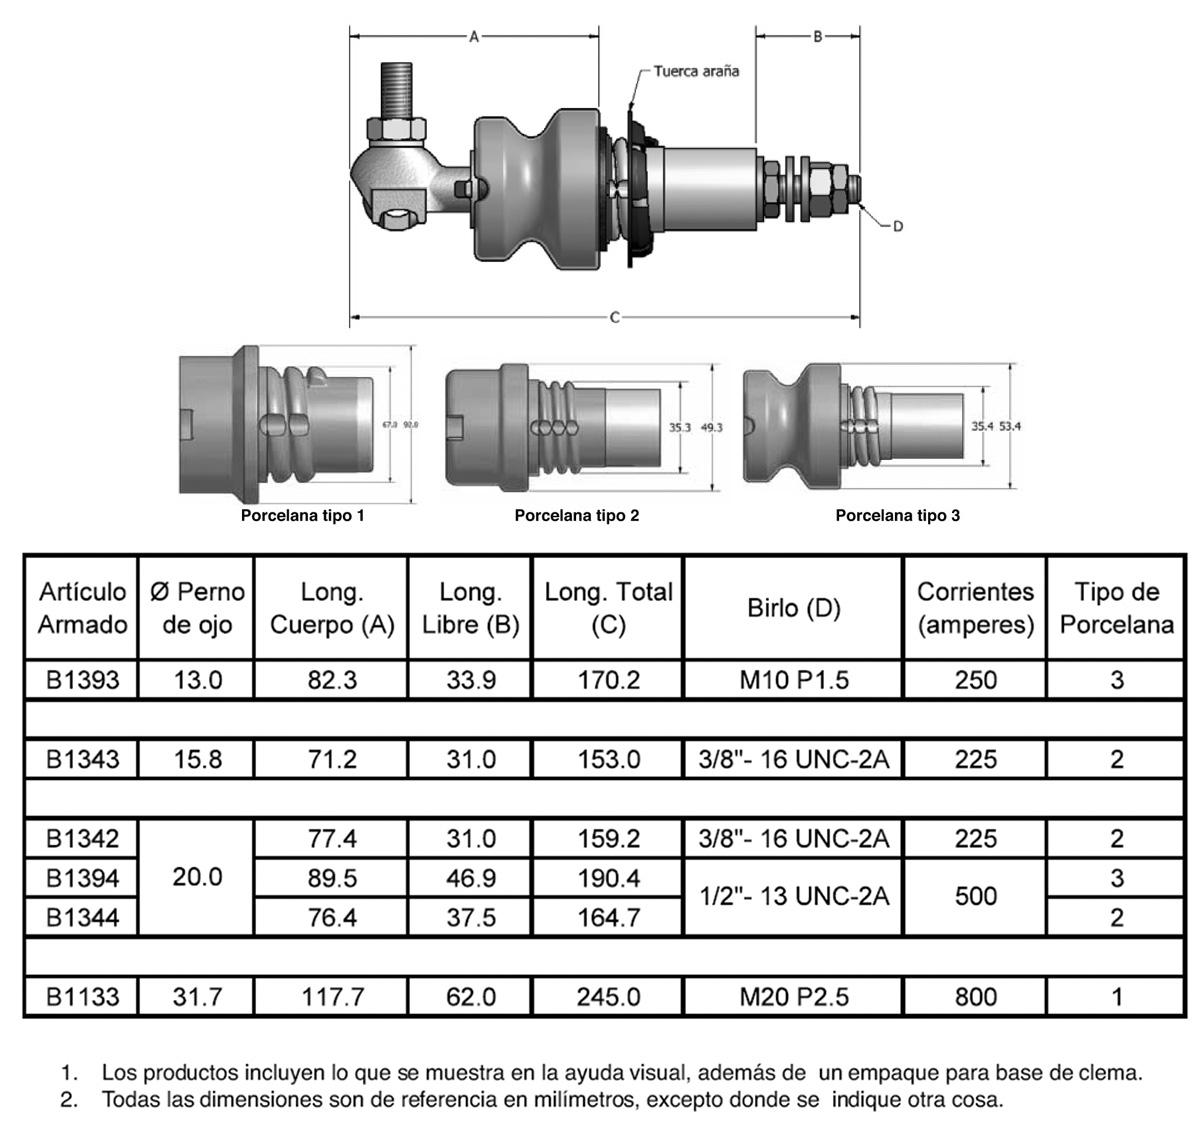 celeco-productos-boquillas-armadas-baja-tension-4gde